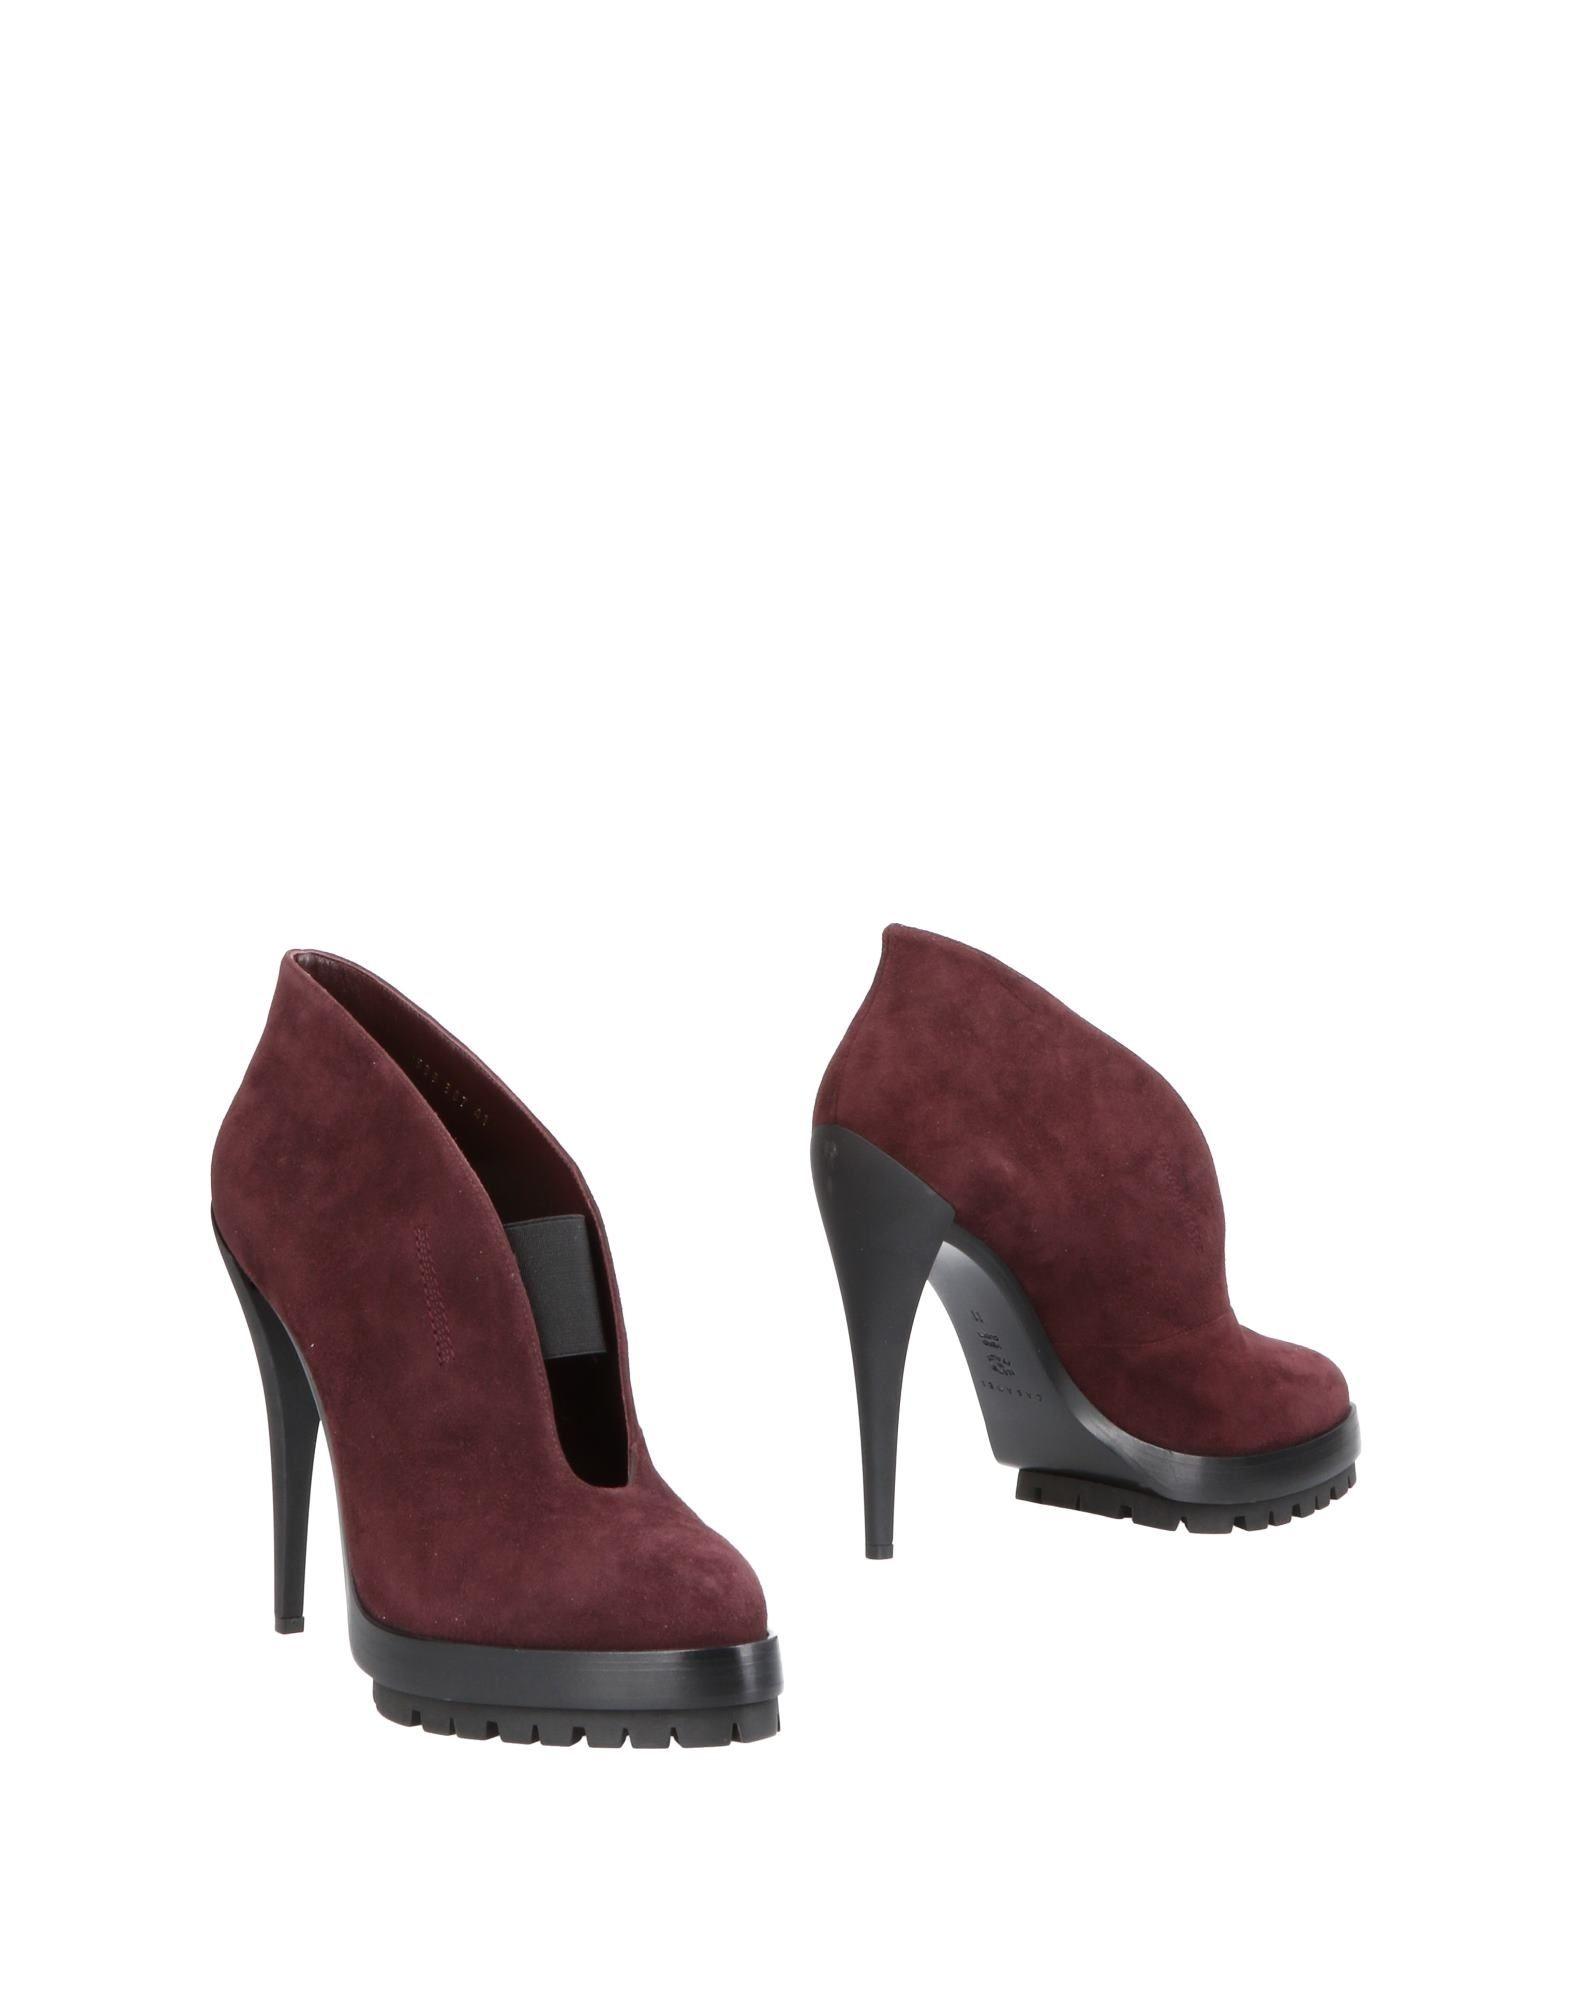 Bottine Casadei Femme - Bottines Casadei Aubergine Dernières chaussures discount pour hommes et femmes